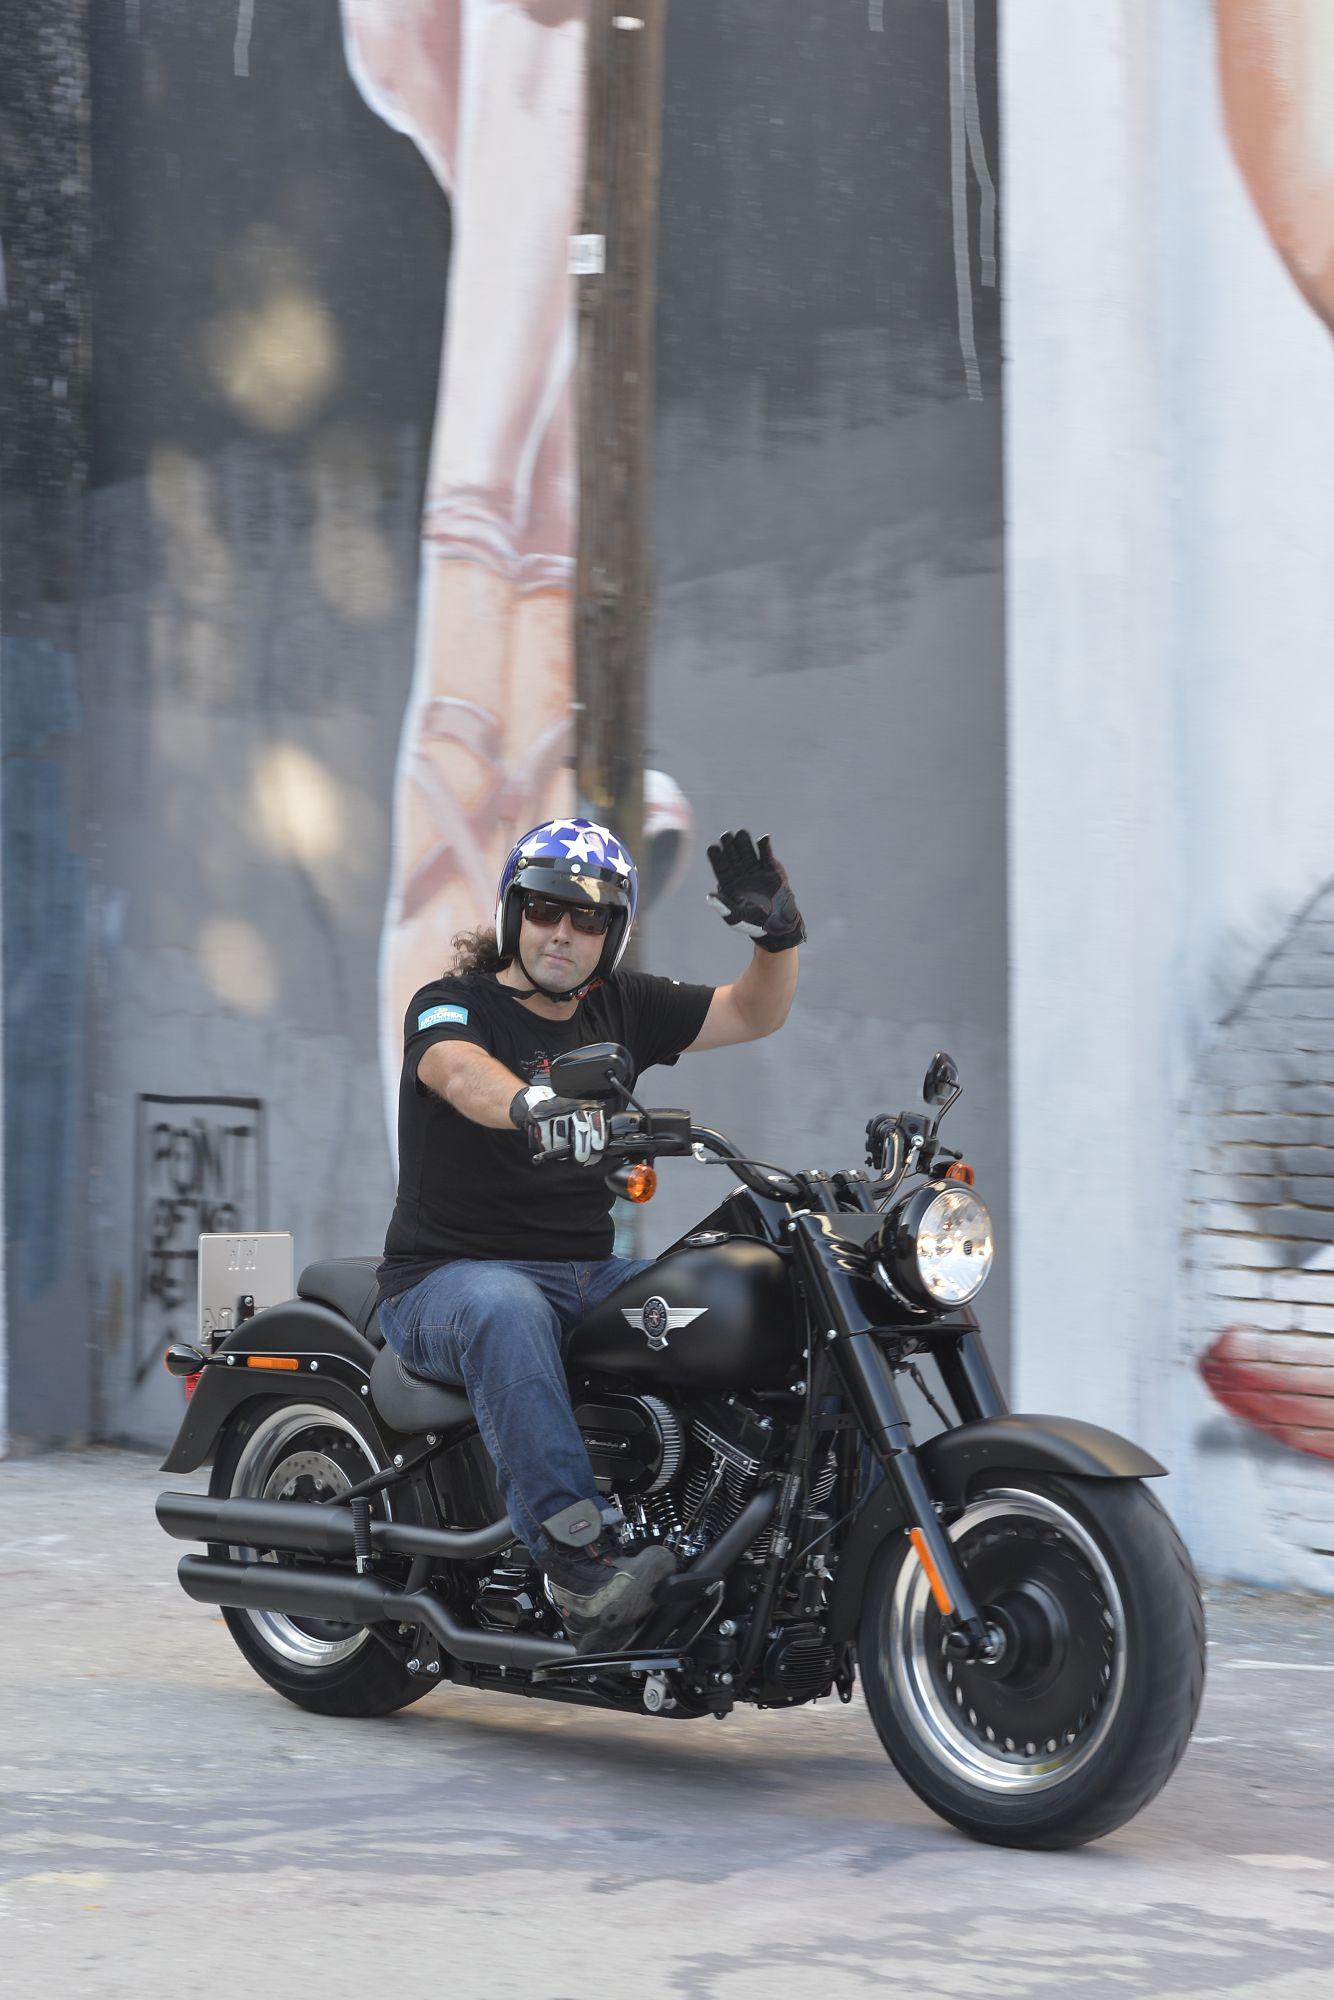 Harley Davidson Fat Boy Technische Daten